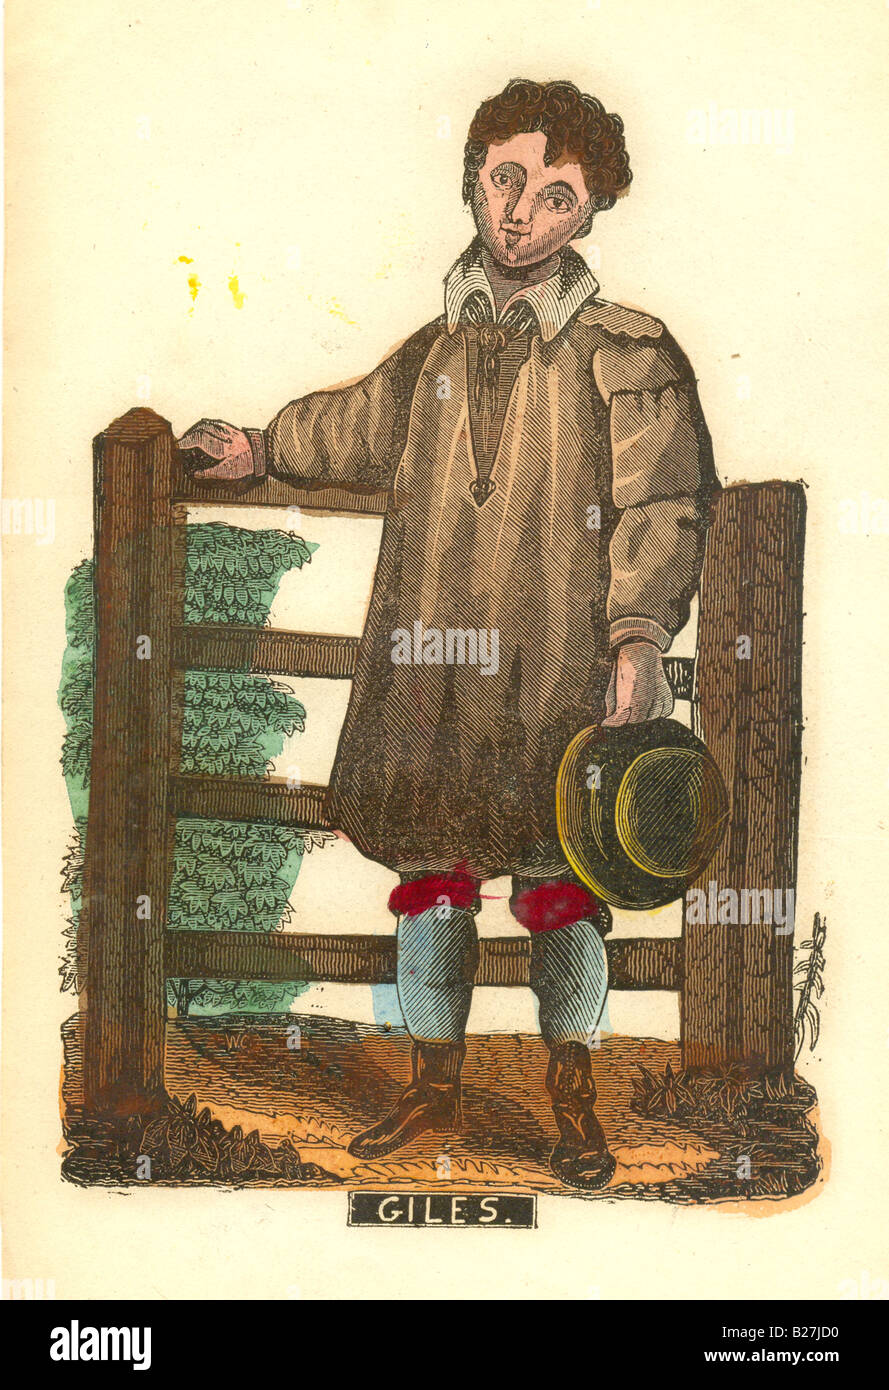 Handkoloriert Holzschnitt von Bauernjunge mit dem Titel 'Giles' um 1840 Stockbild